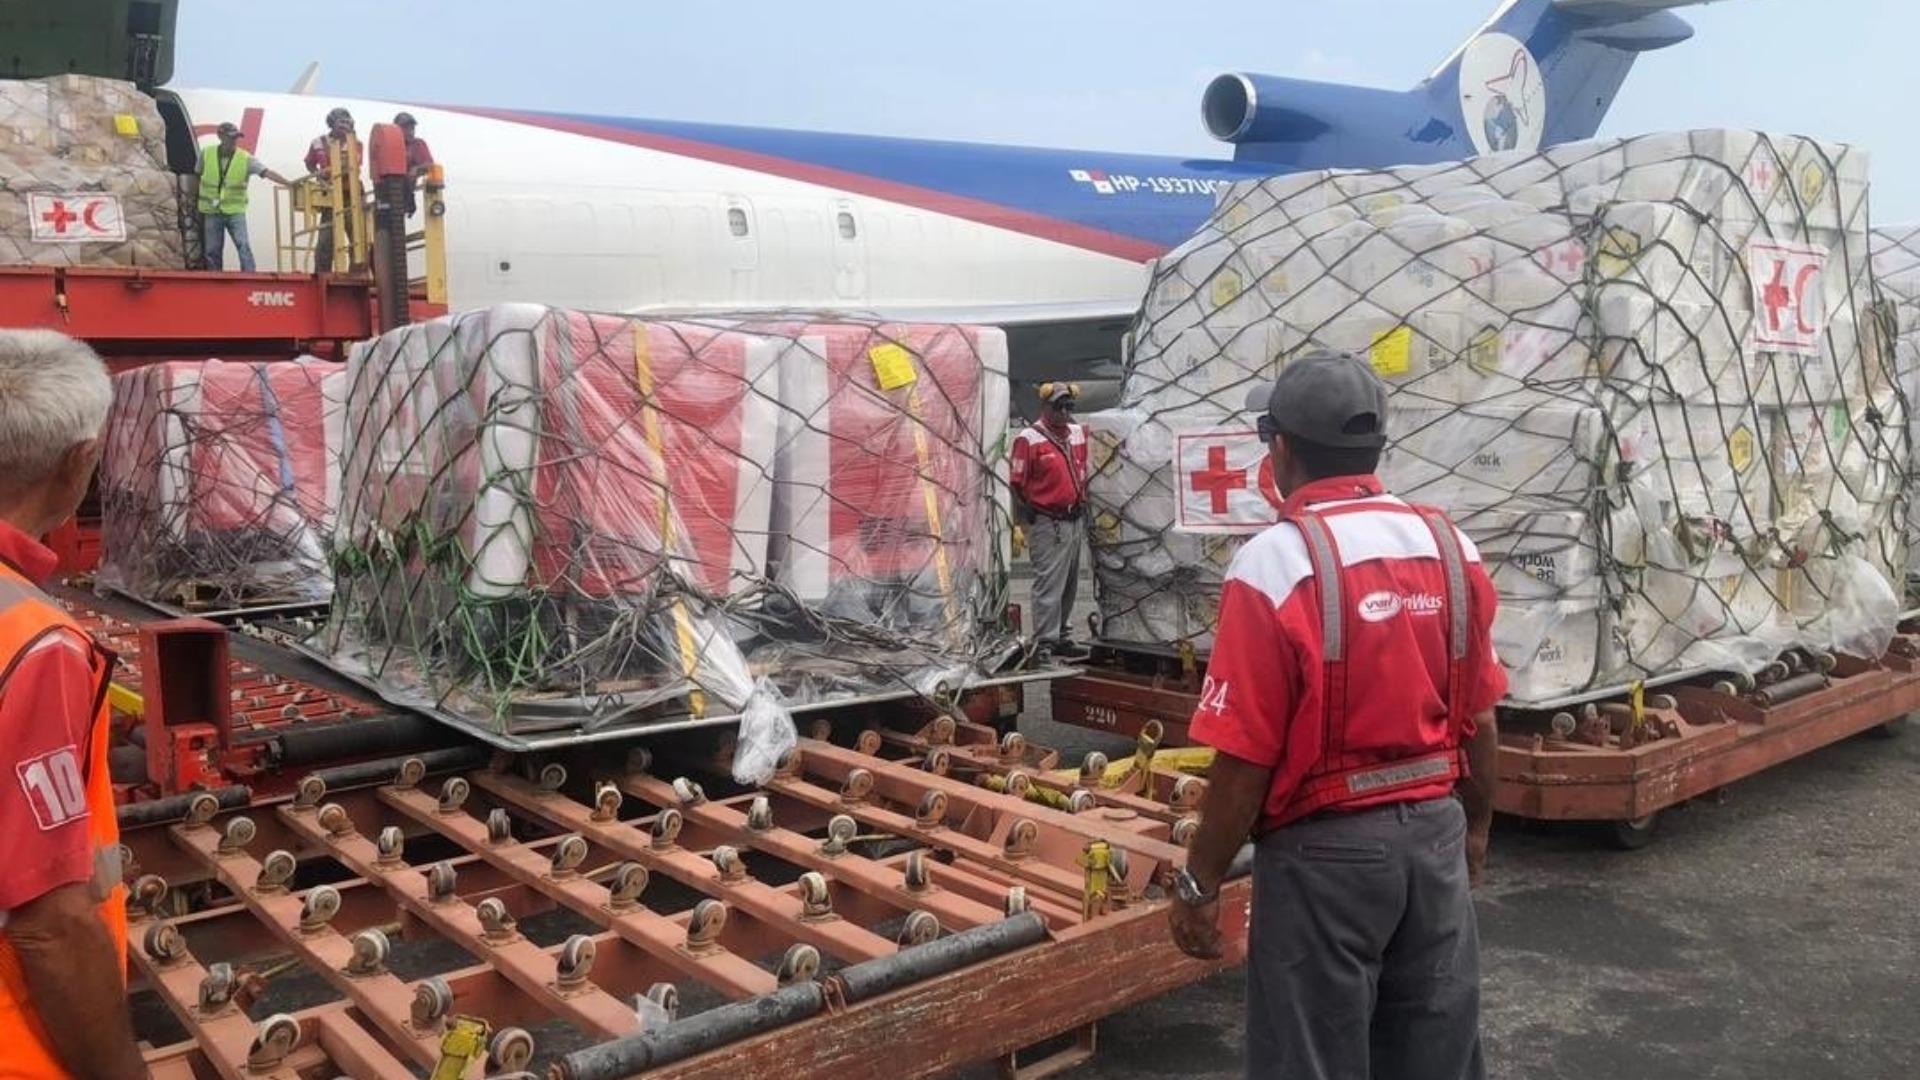 Llega a Venezuela un avión con 12 toneladas de ayuda humanitaria de la ONU